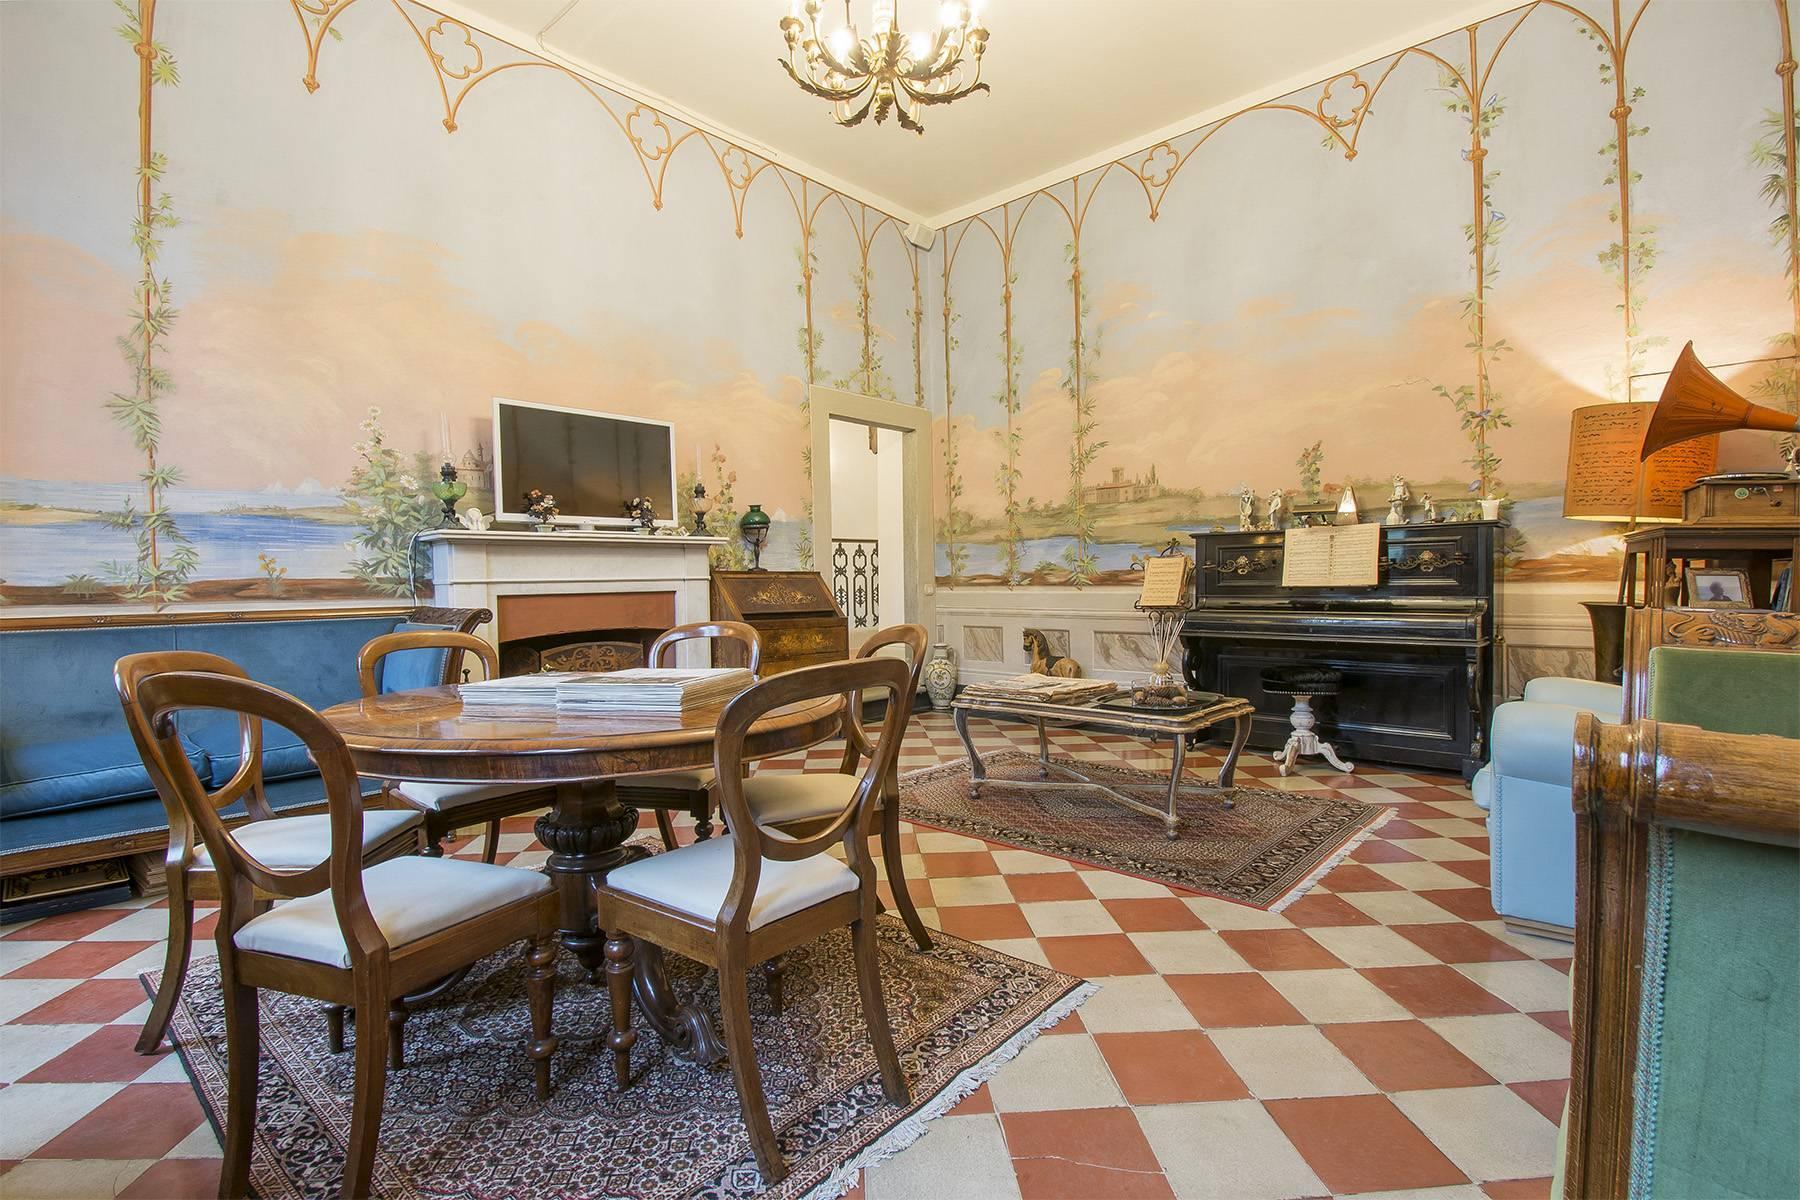 位于古老别墅里的精美公寓 - 2